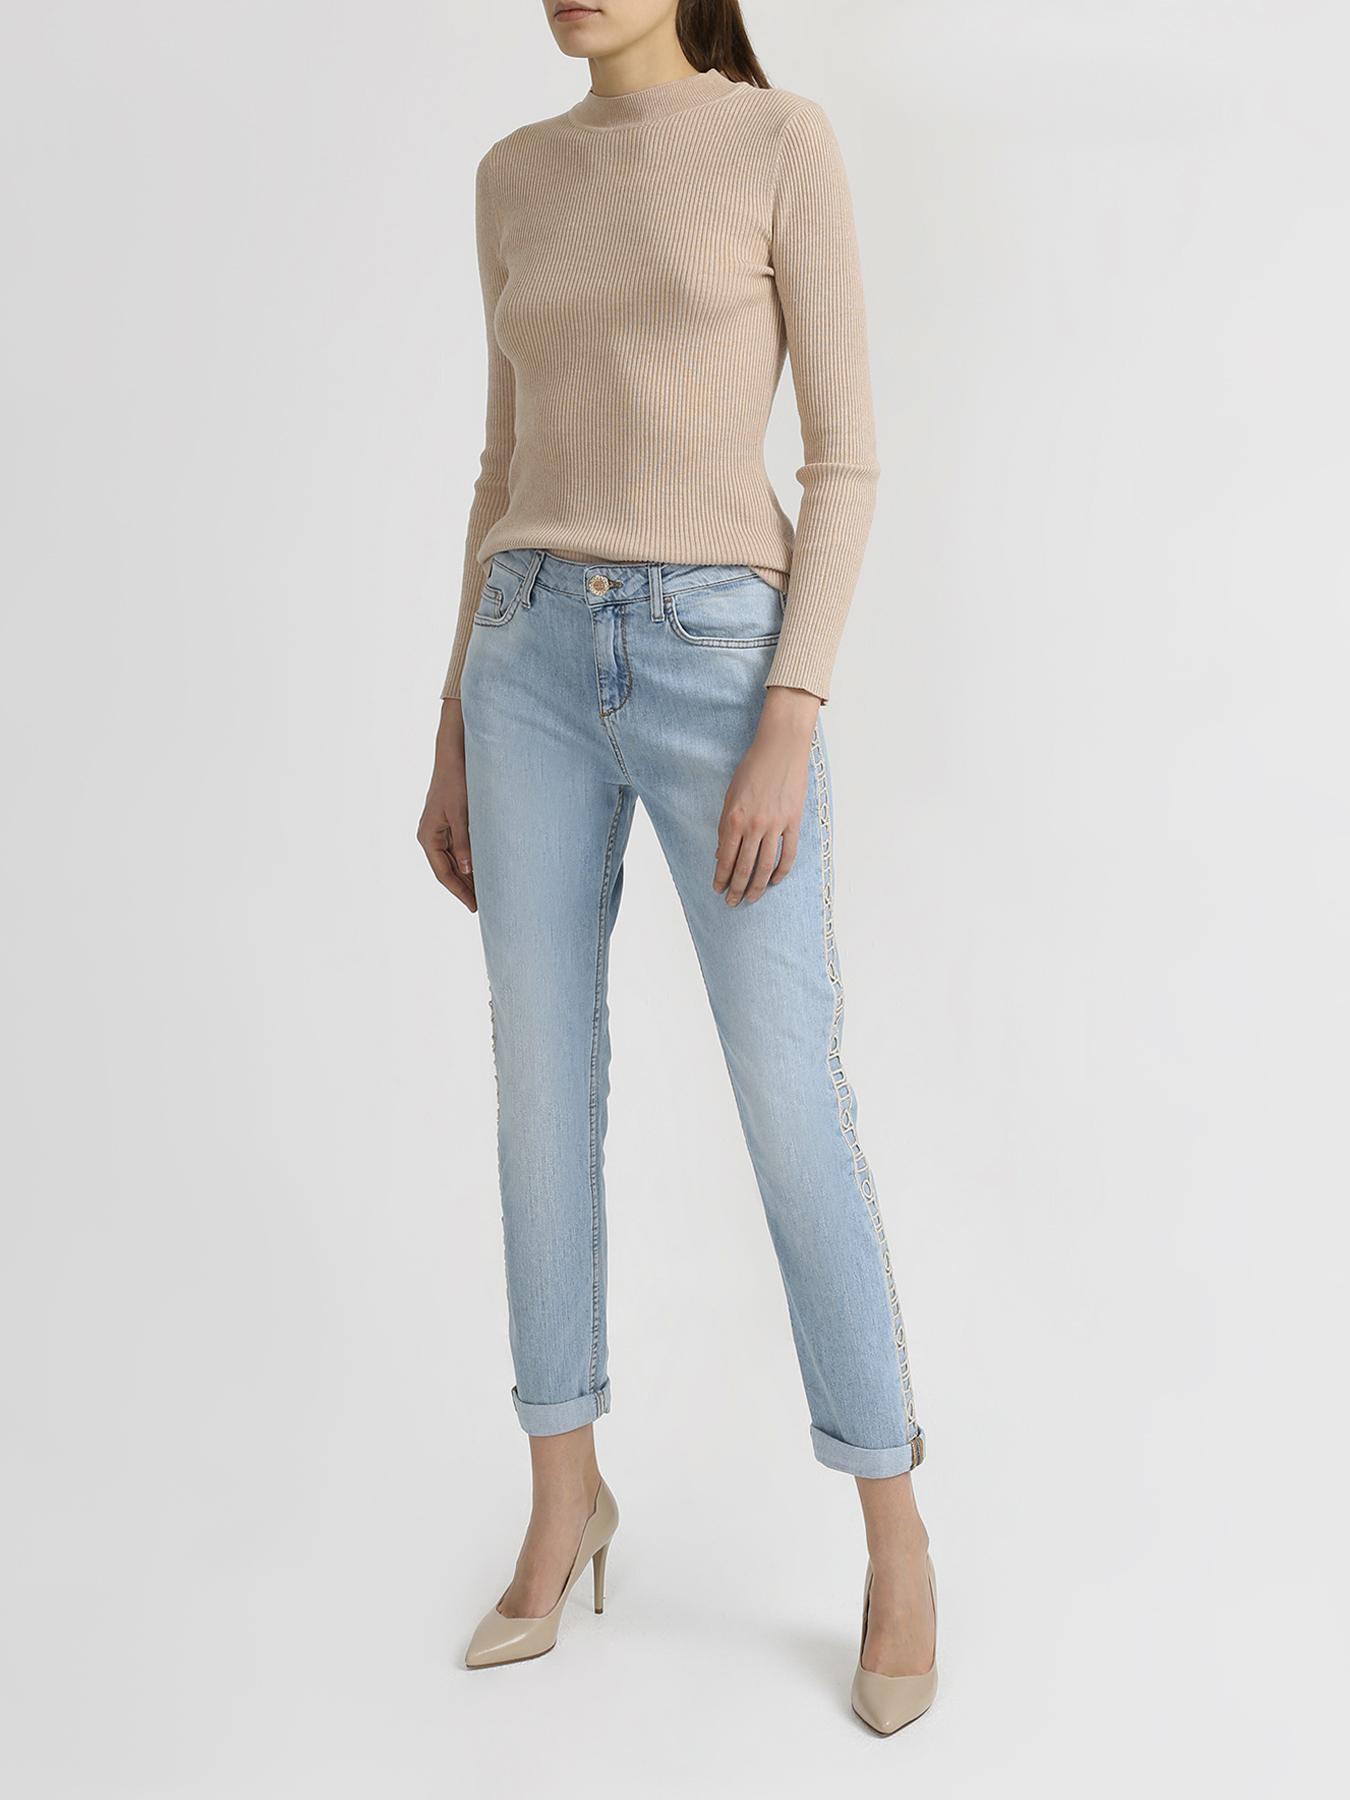 Брюки Liu Jo Зауженные джинсы джинсы galvanni джинсы зауженные